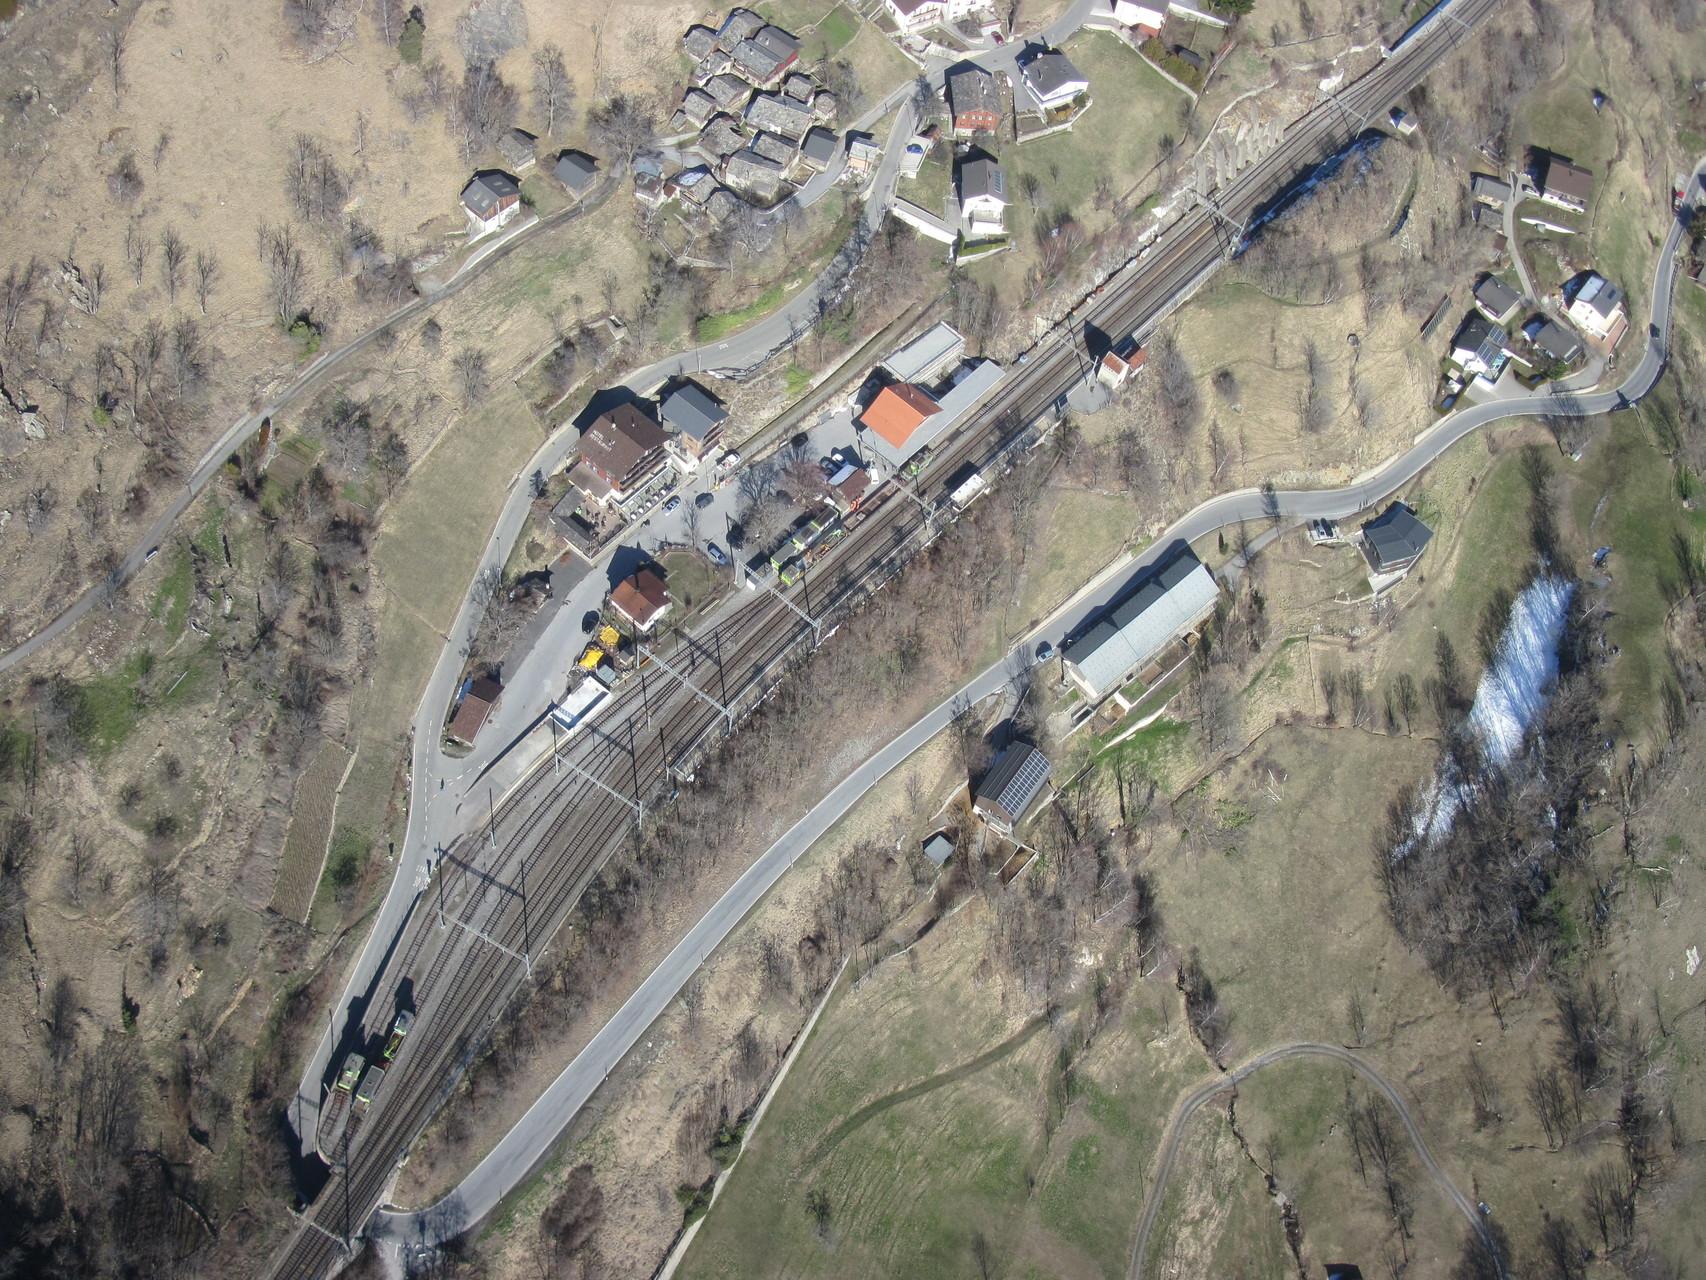 Bahnhof Ausserberg aus der Vogelperspektive